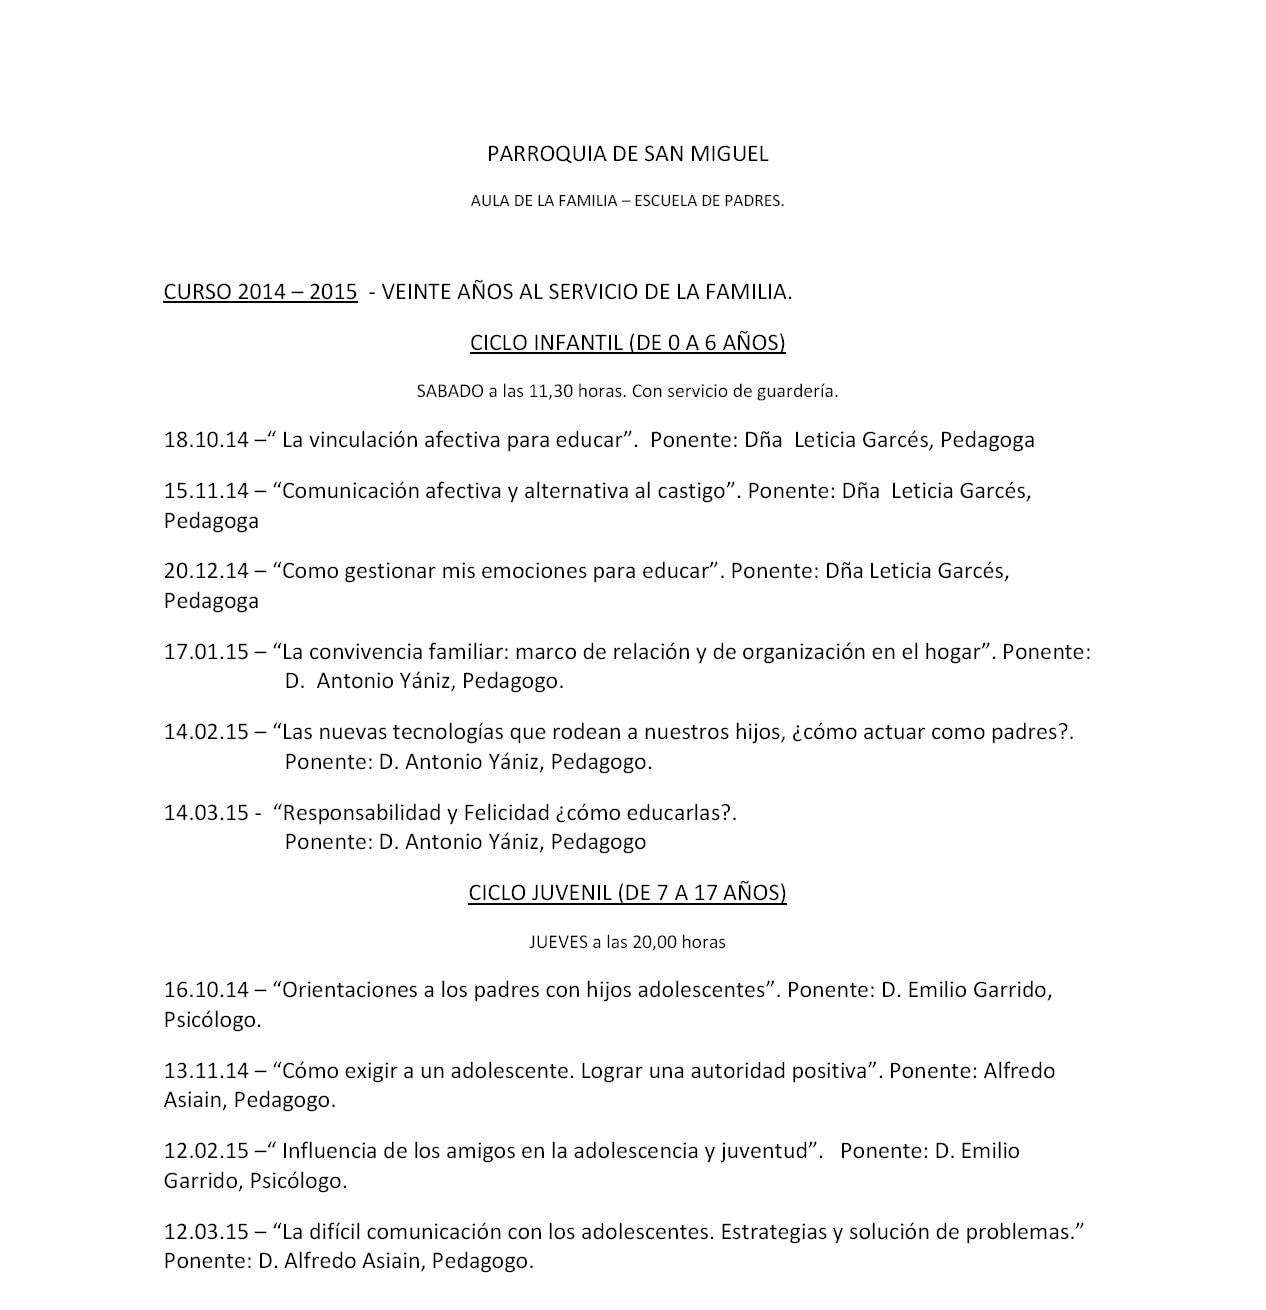 Agenda_escuela_de_padres_2014_2015